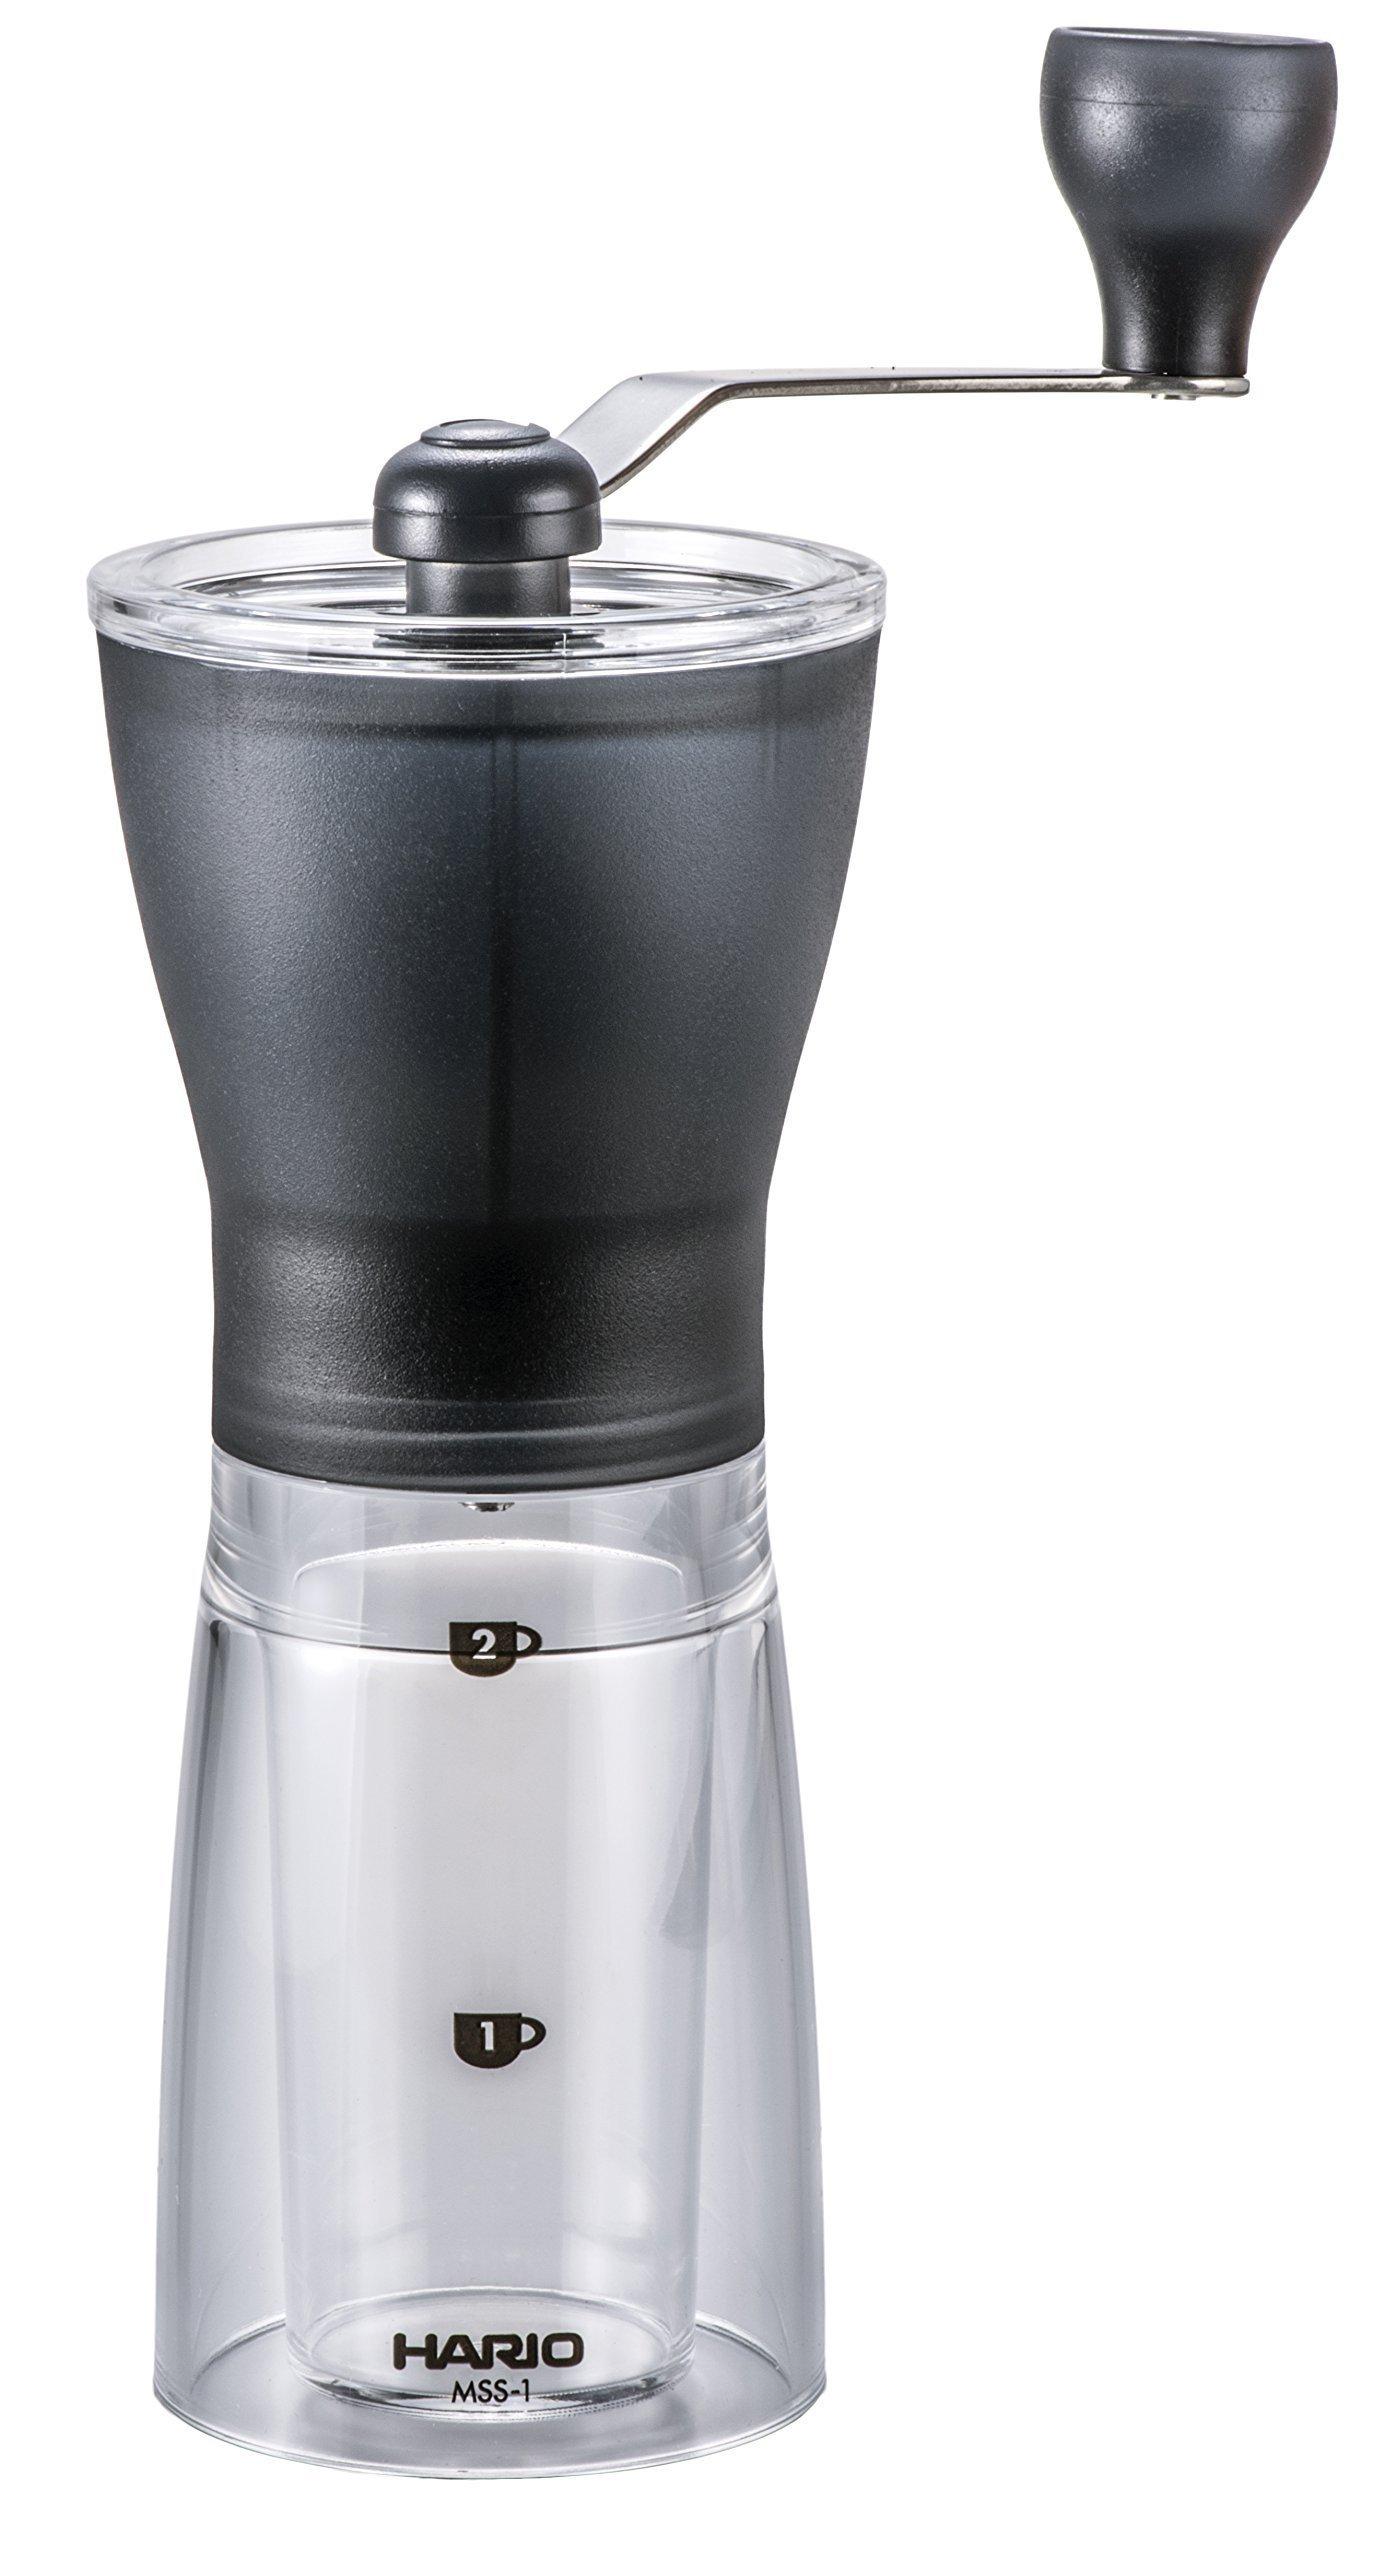 HARIO ( ハリオ ) 手挽き コーヒーミル ・ セラミック スリム MSS-1TB